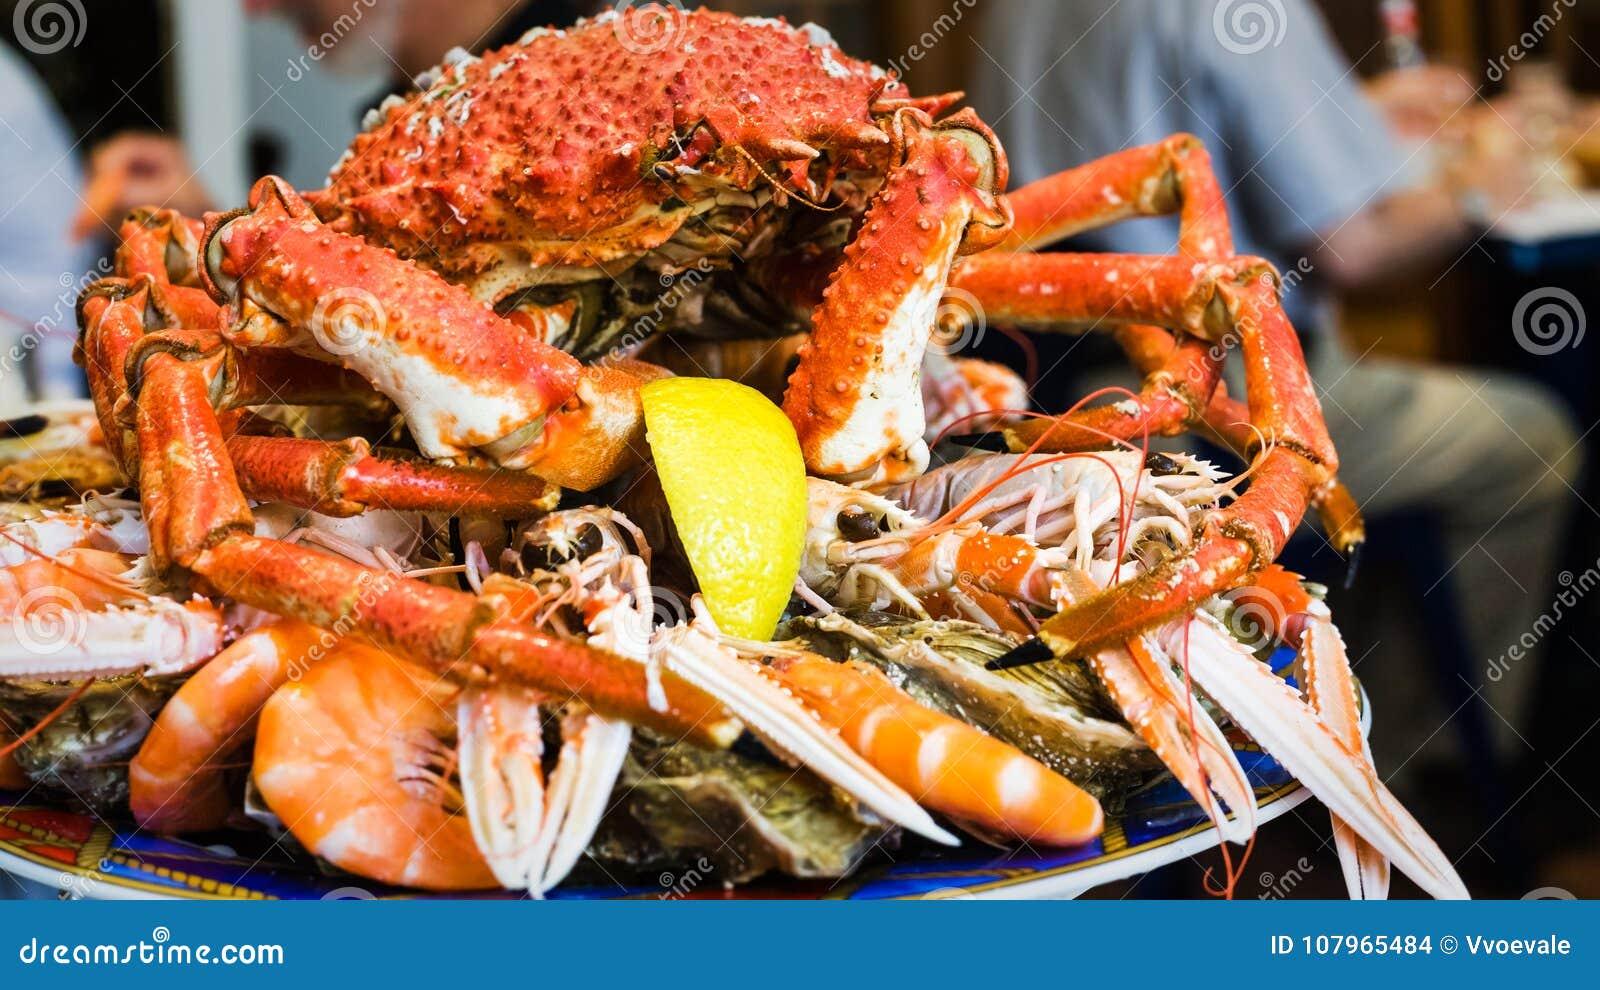 καβούρι στο πιάτο θαλασσινών στο τοπικό εστιατόριο ψαριών